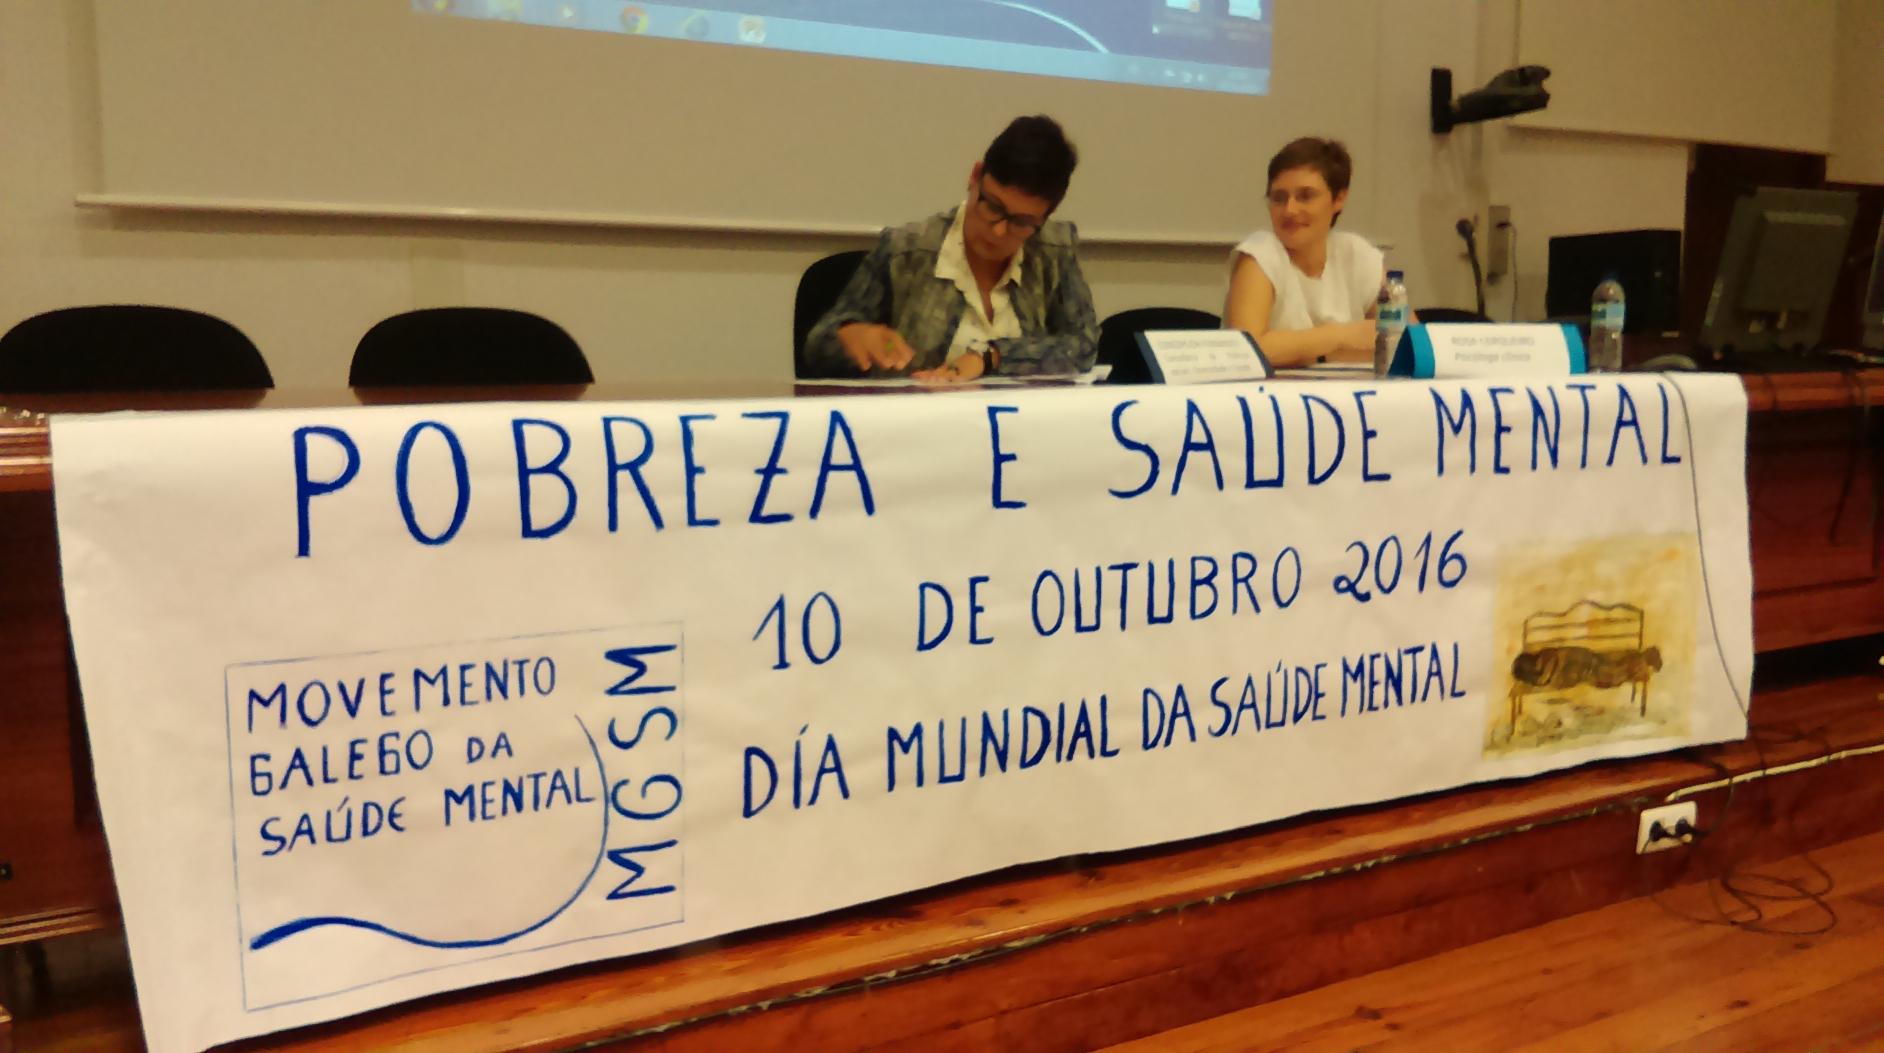 Xornadas do MGSM do 10 de outubro: pobreza e saúde mental